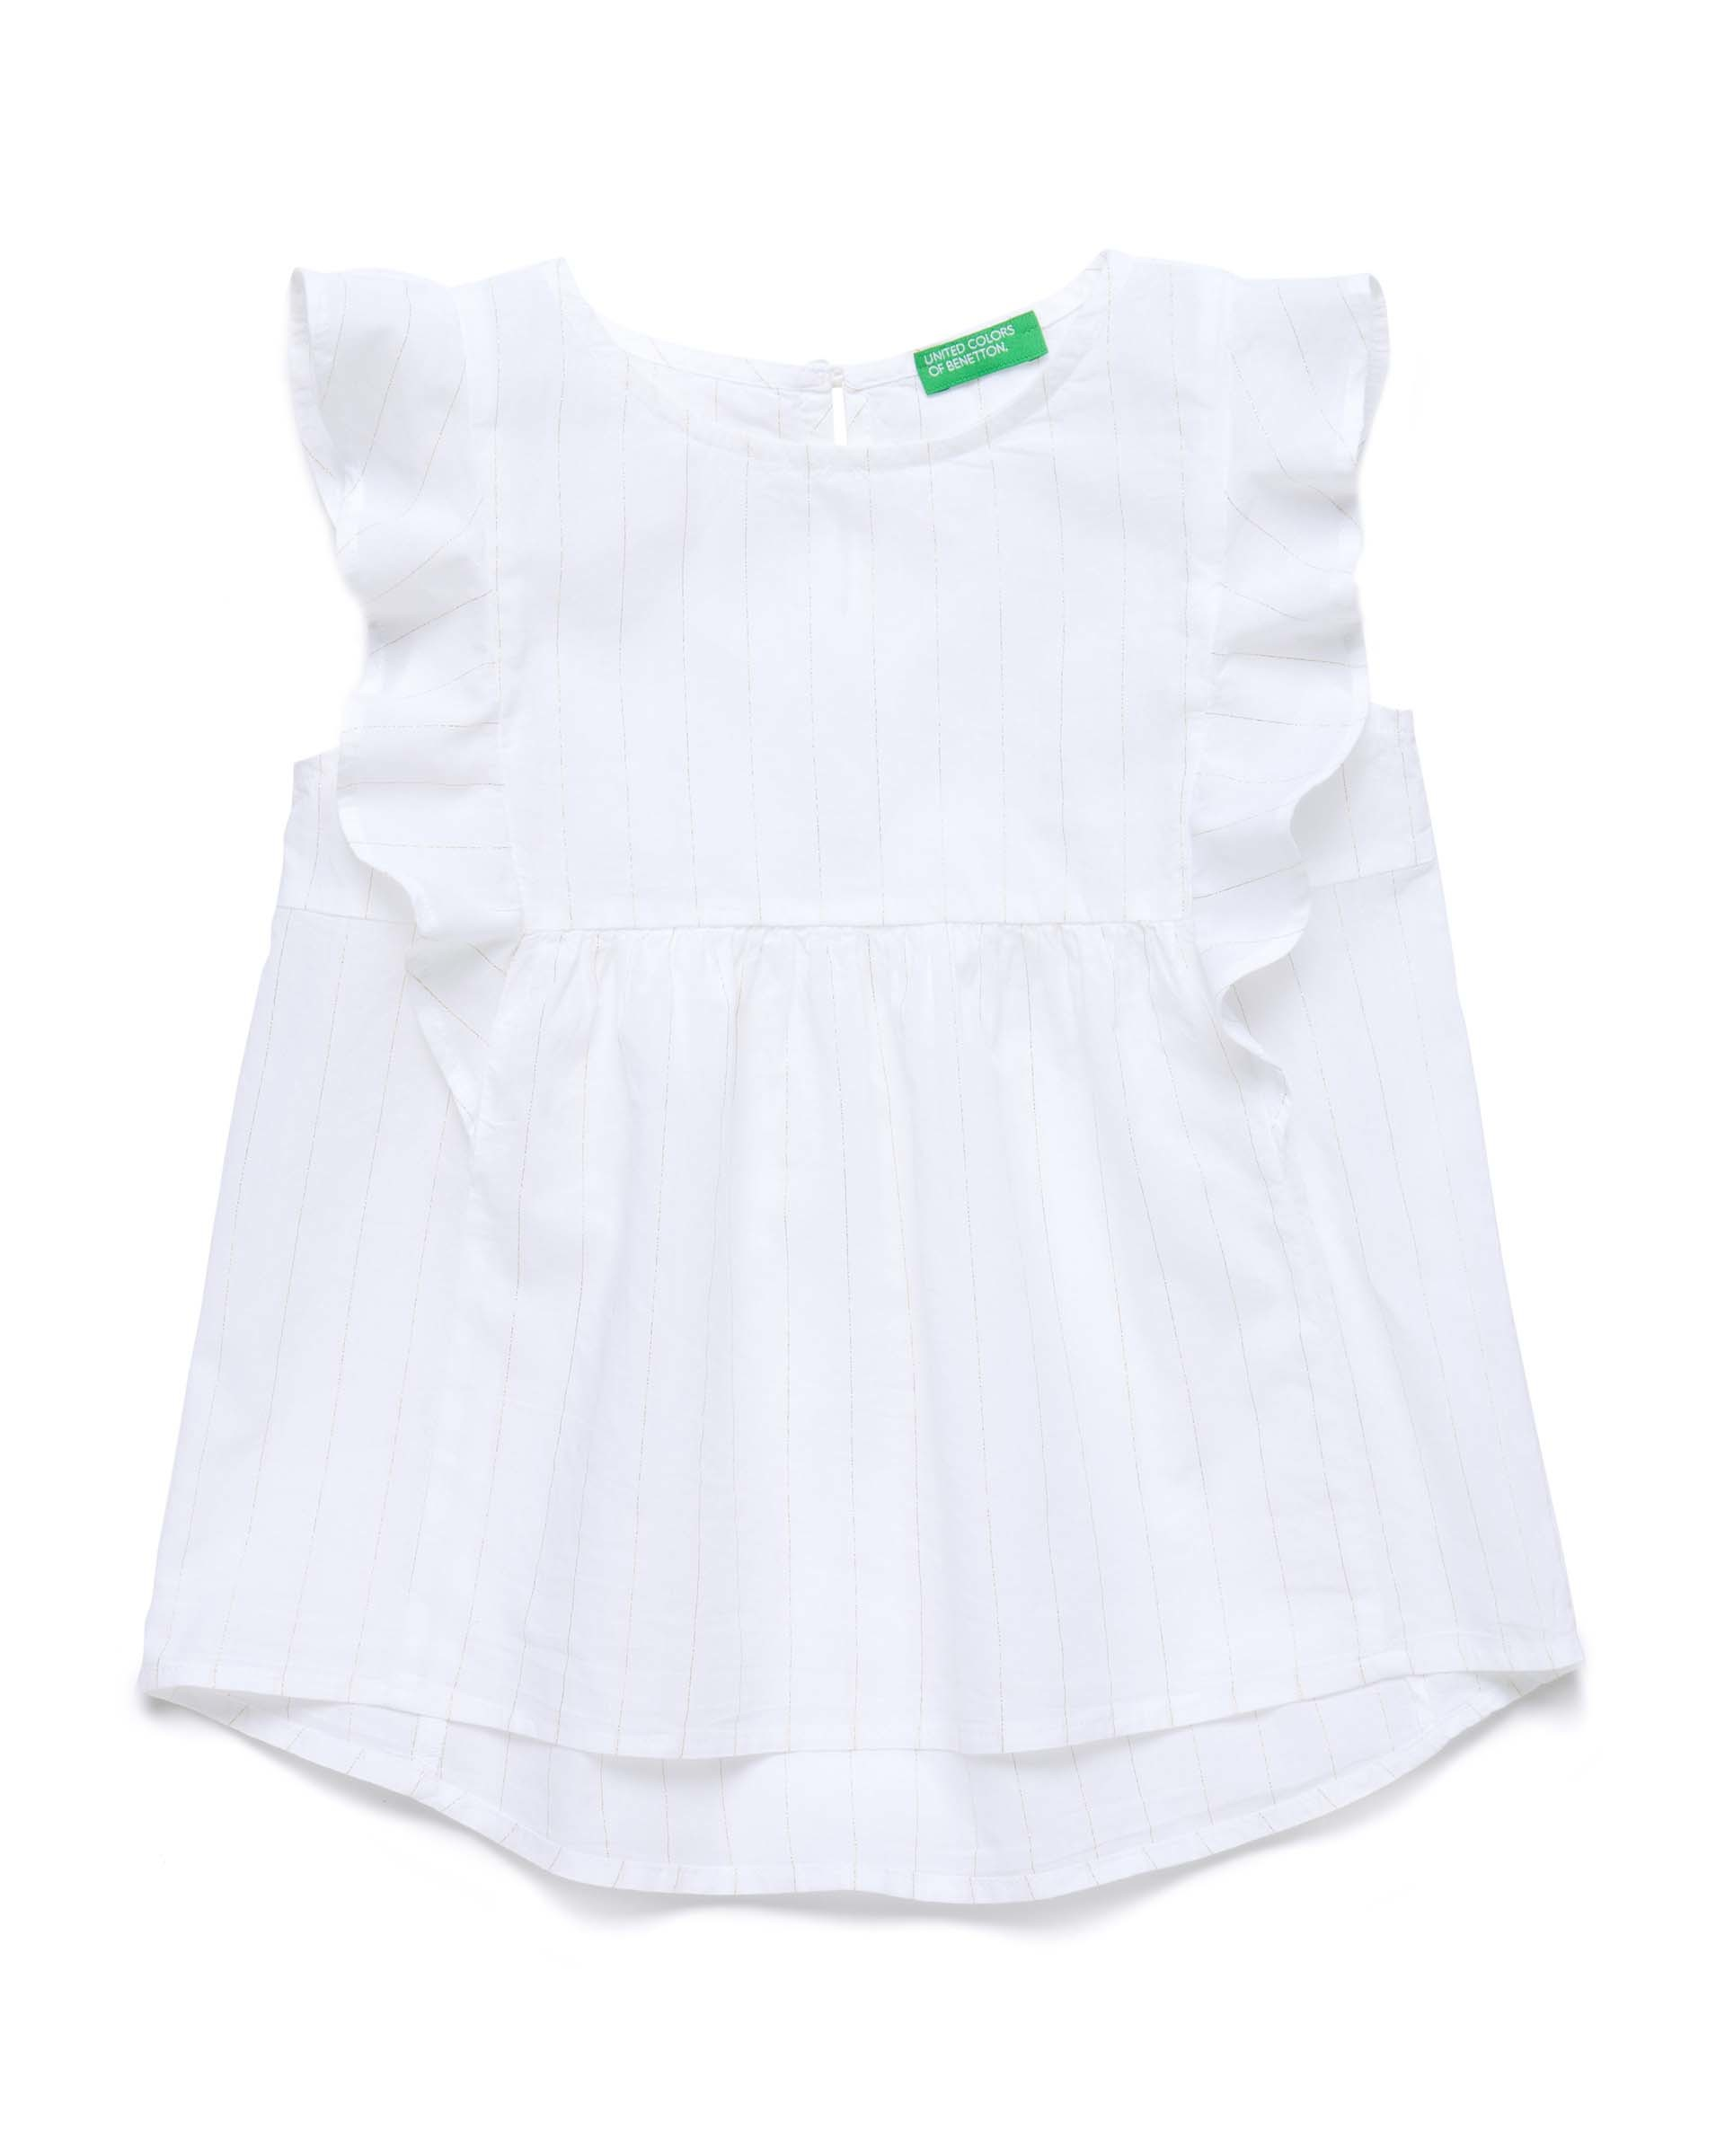 Купить 20P_5OV55QH80_901, Блуза для девочек Benetton 5OV55QH80_901 р-р 140, United Colors of Benetton, Блузки для девочек